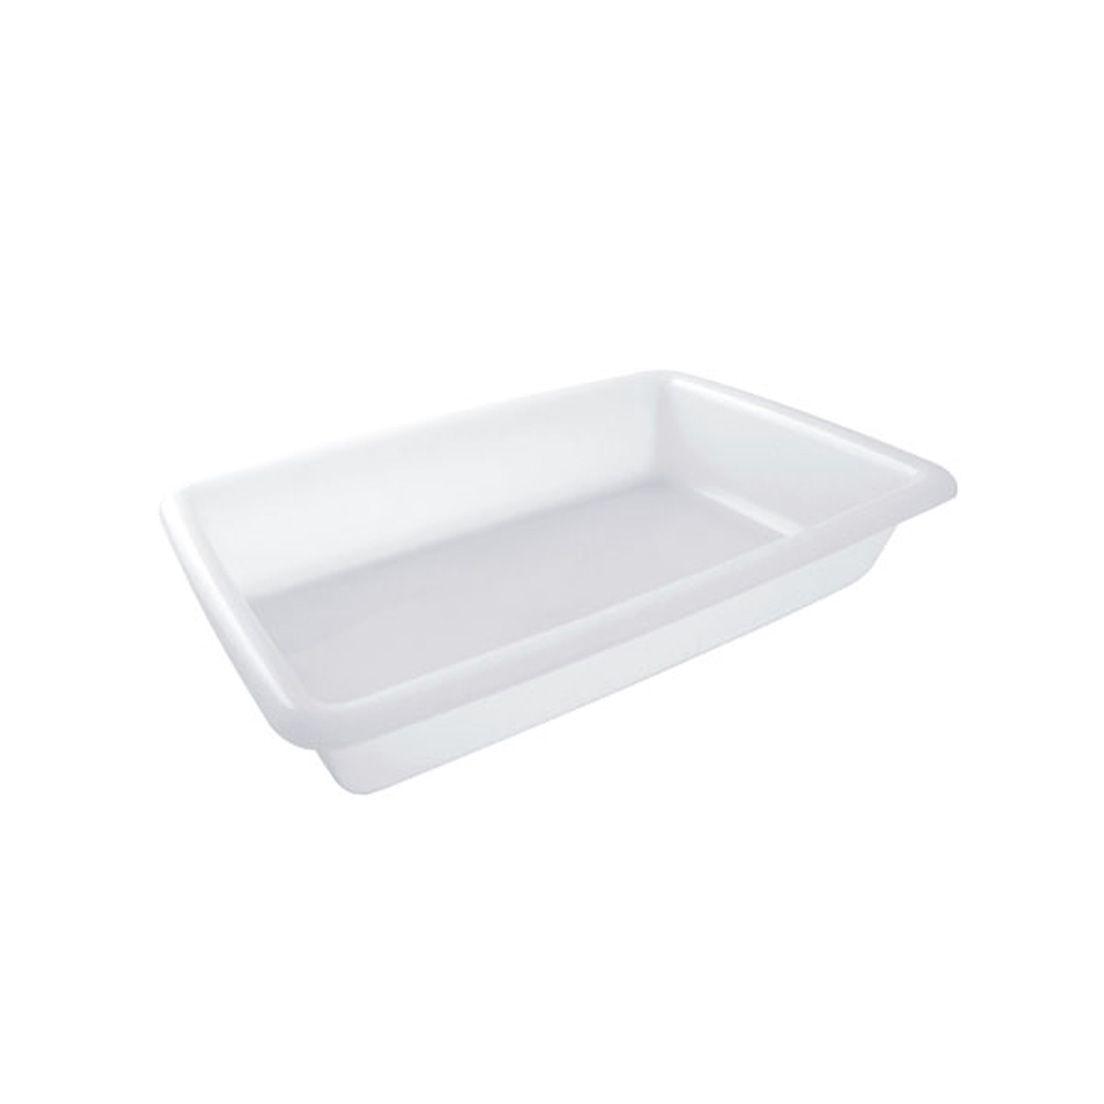 Caixa Organizadora para Freezer e Geladeira de Plástico Retangular 2,2L